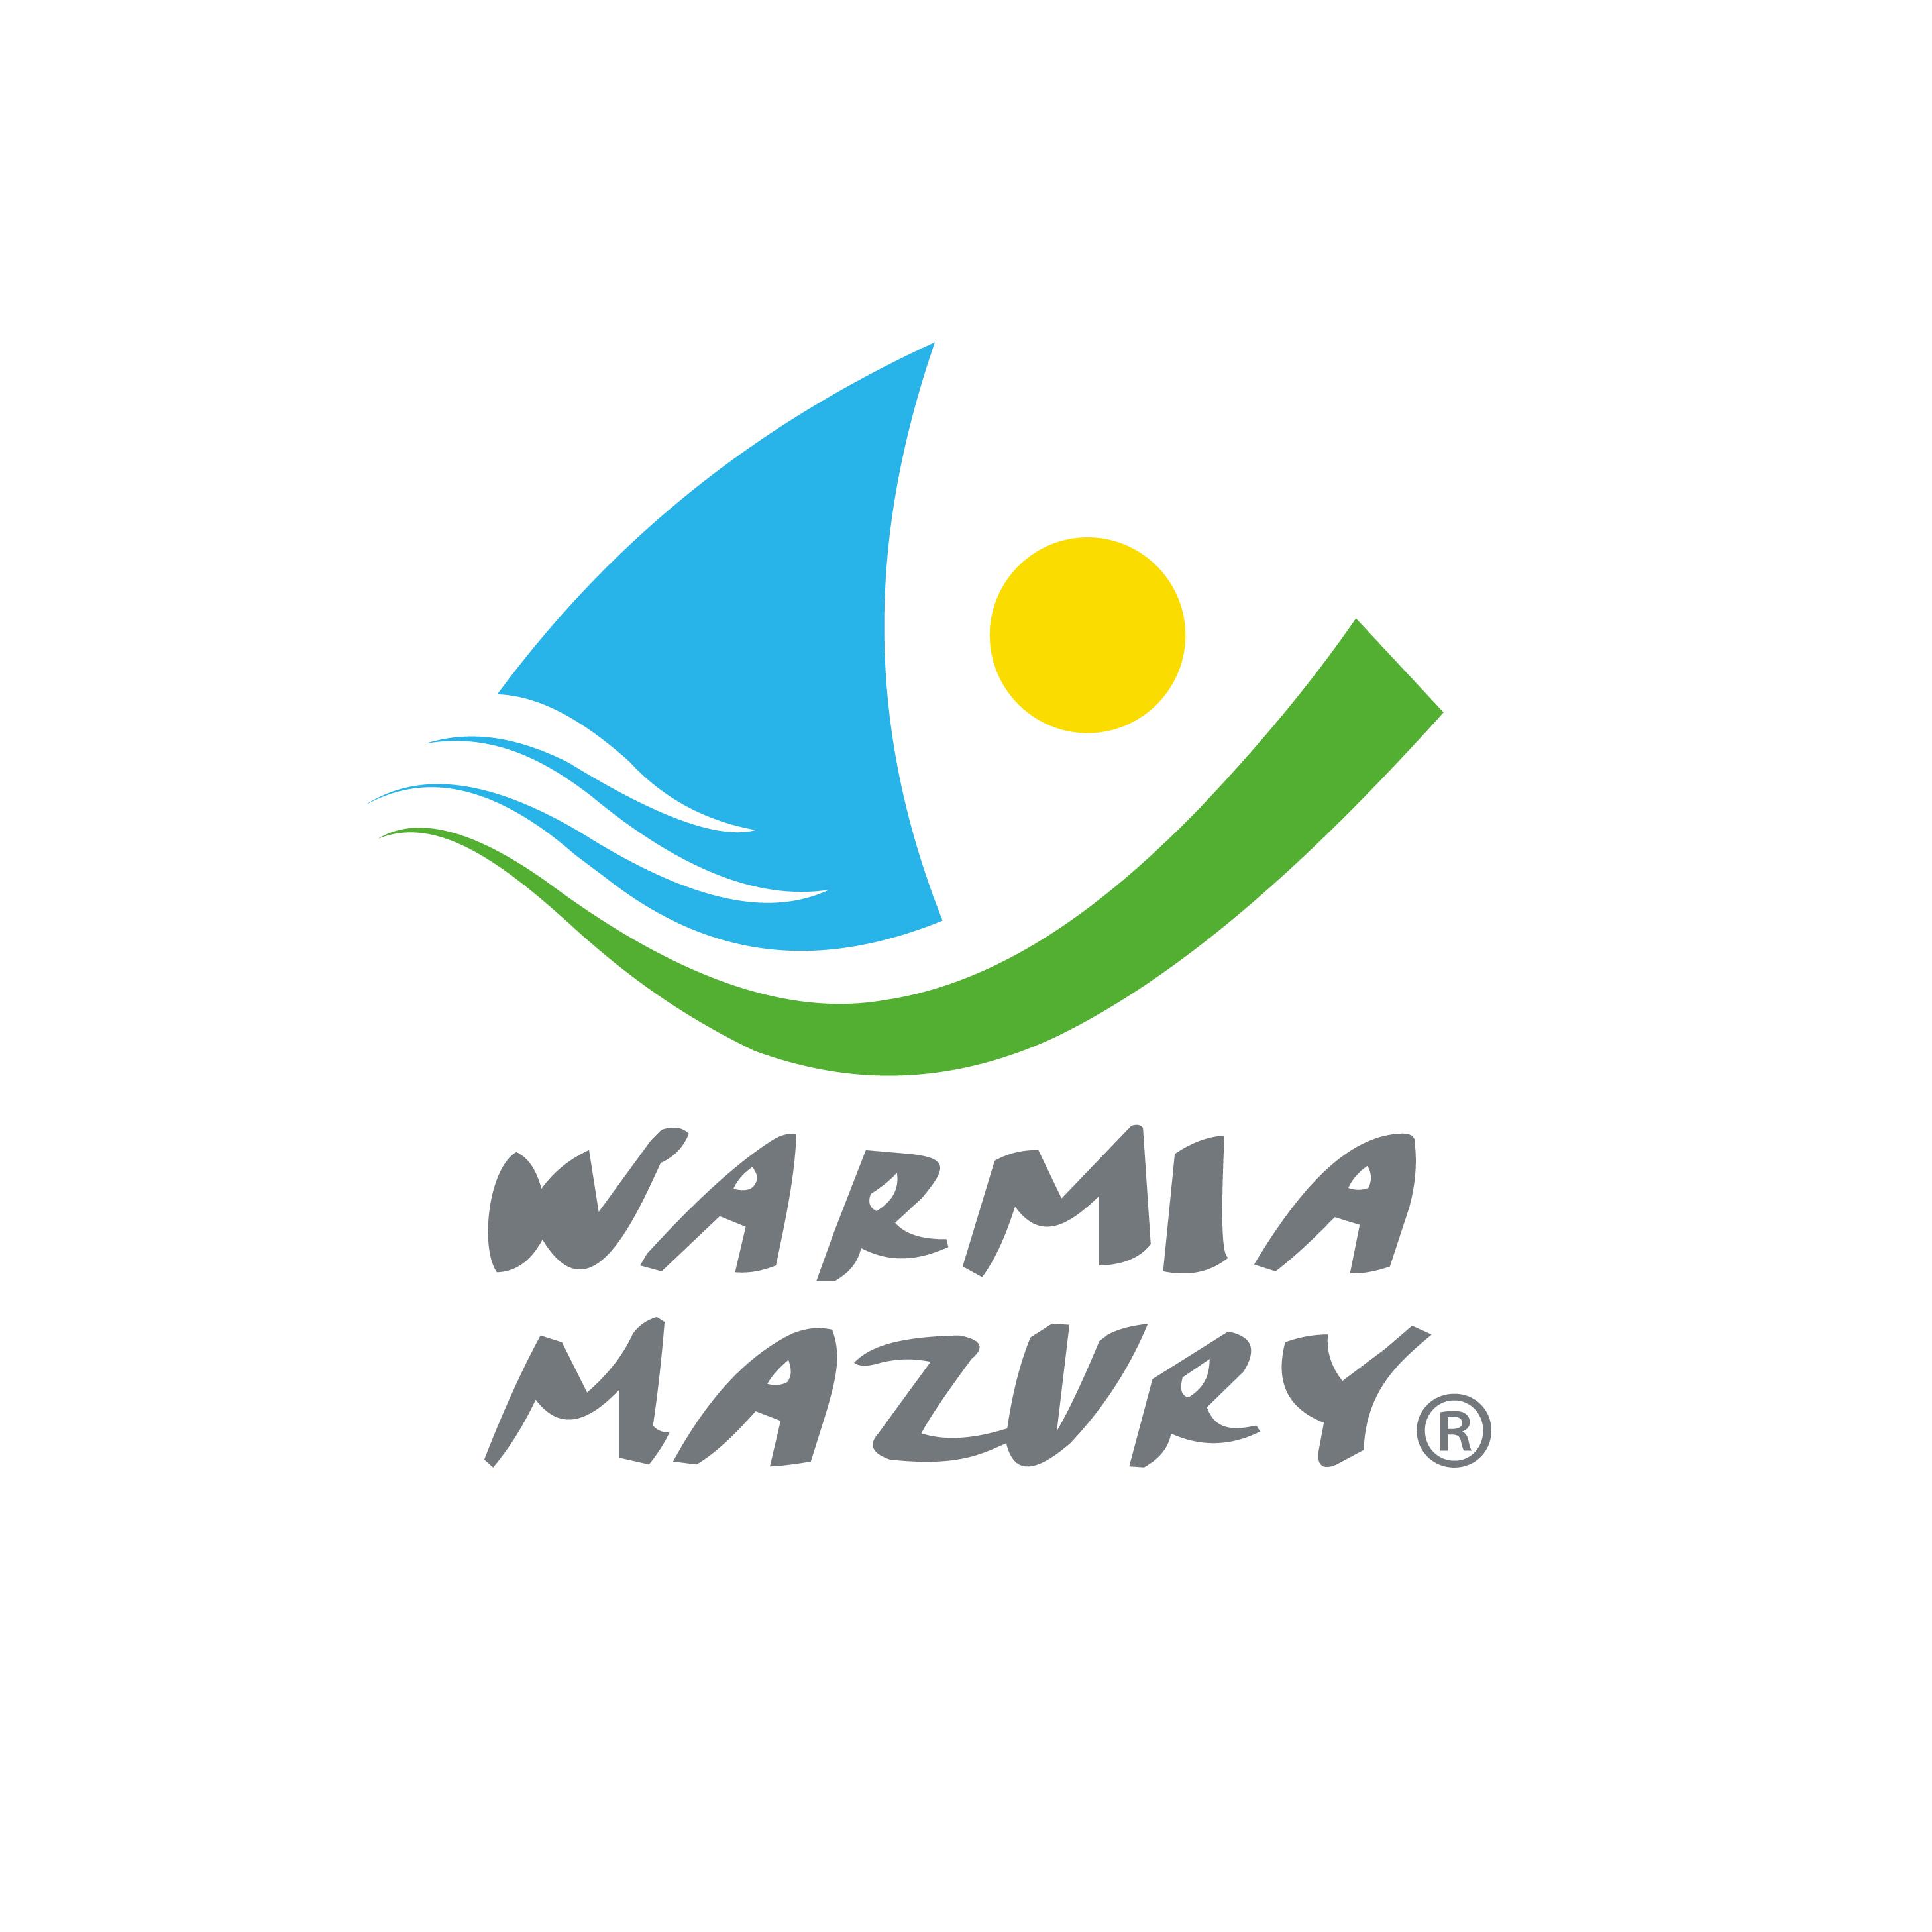 https://m.wmwm.pl/2015/05/orig/warmia-mazury-logo-kolo-rgb-4332.jpg